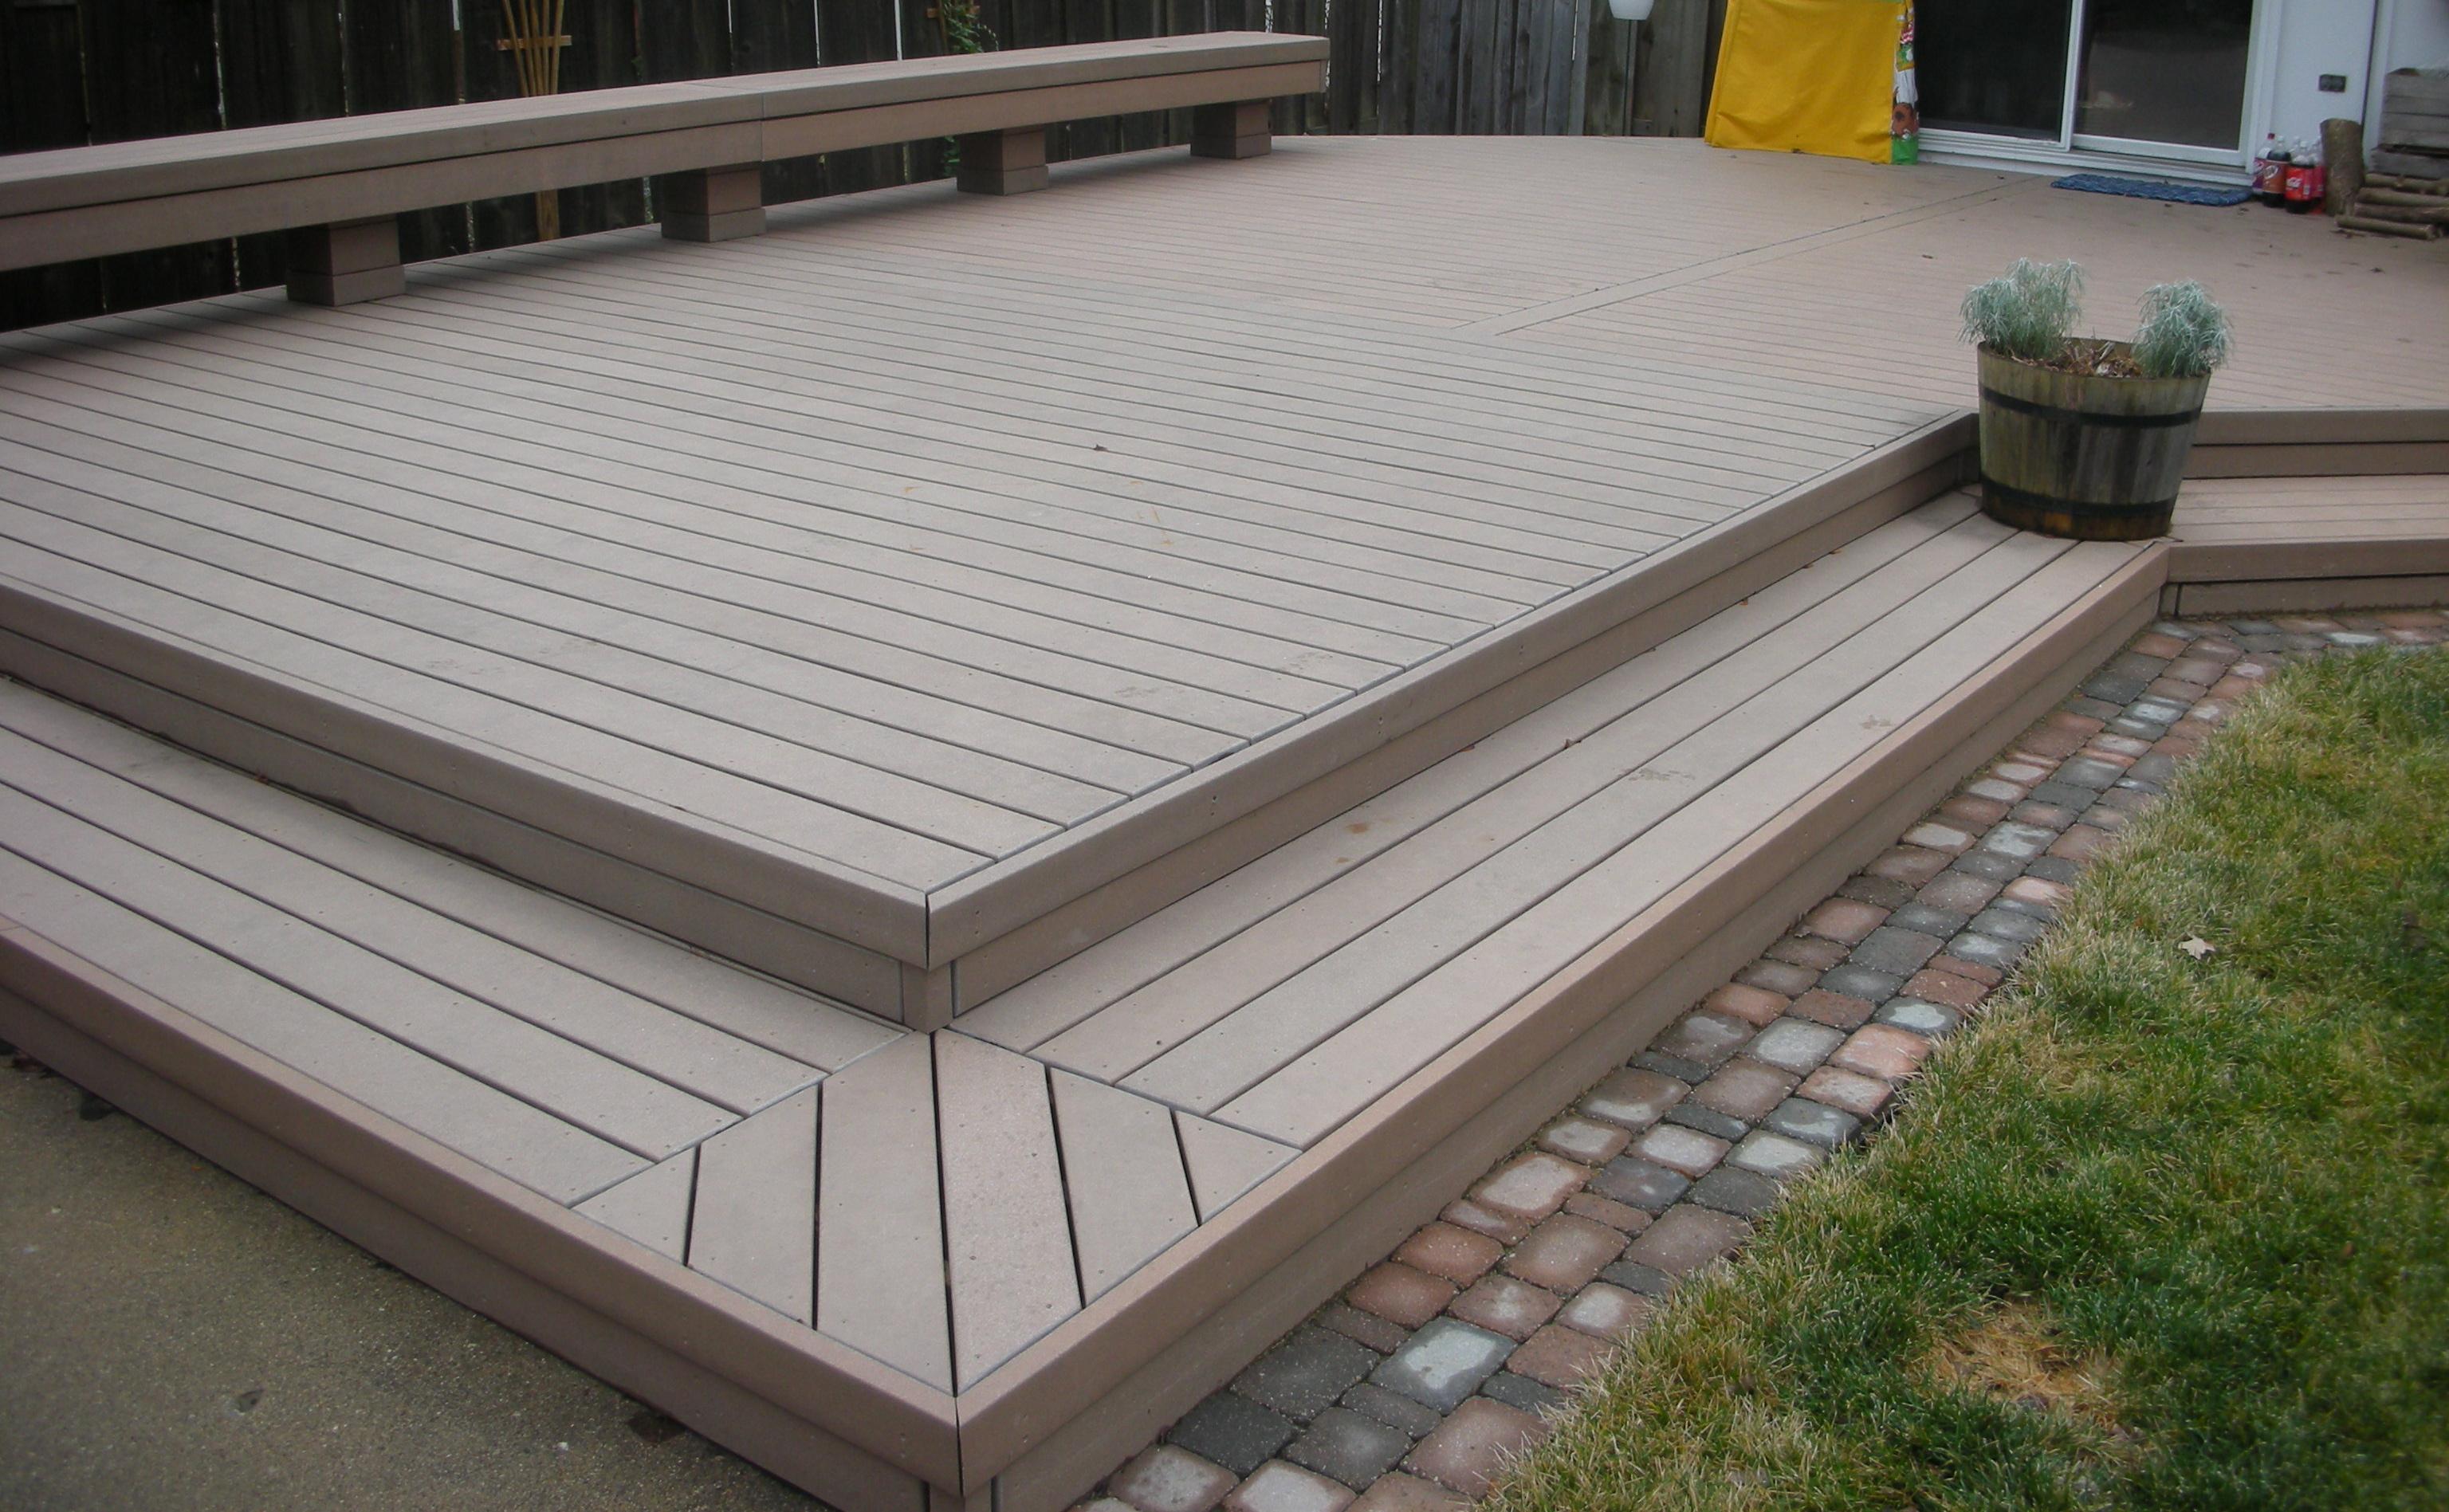 Trex deck ehrlich construction for Garden decking composite